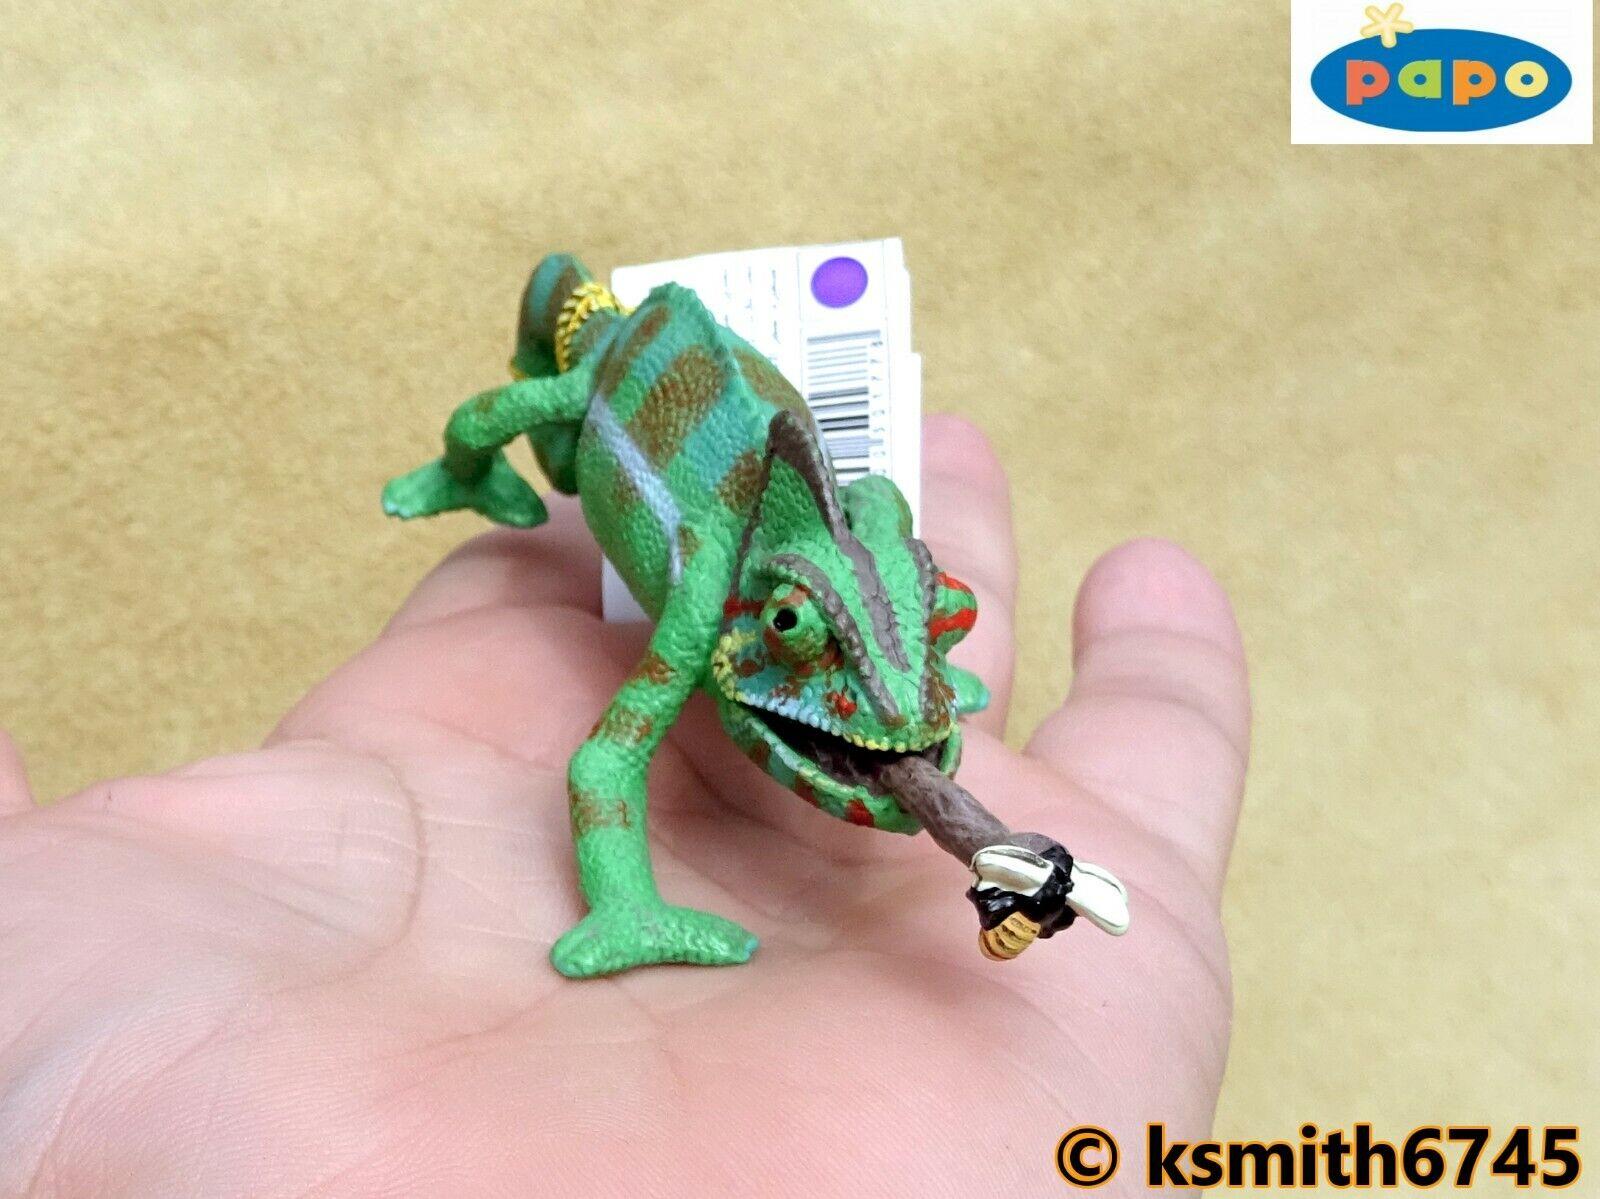 Papo Caméléon avec abeille solide Jouet en plastique Wild Zoo Animal Reptile Lizard New